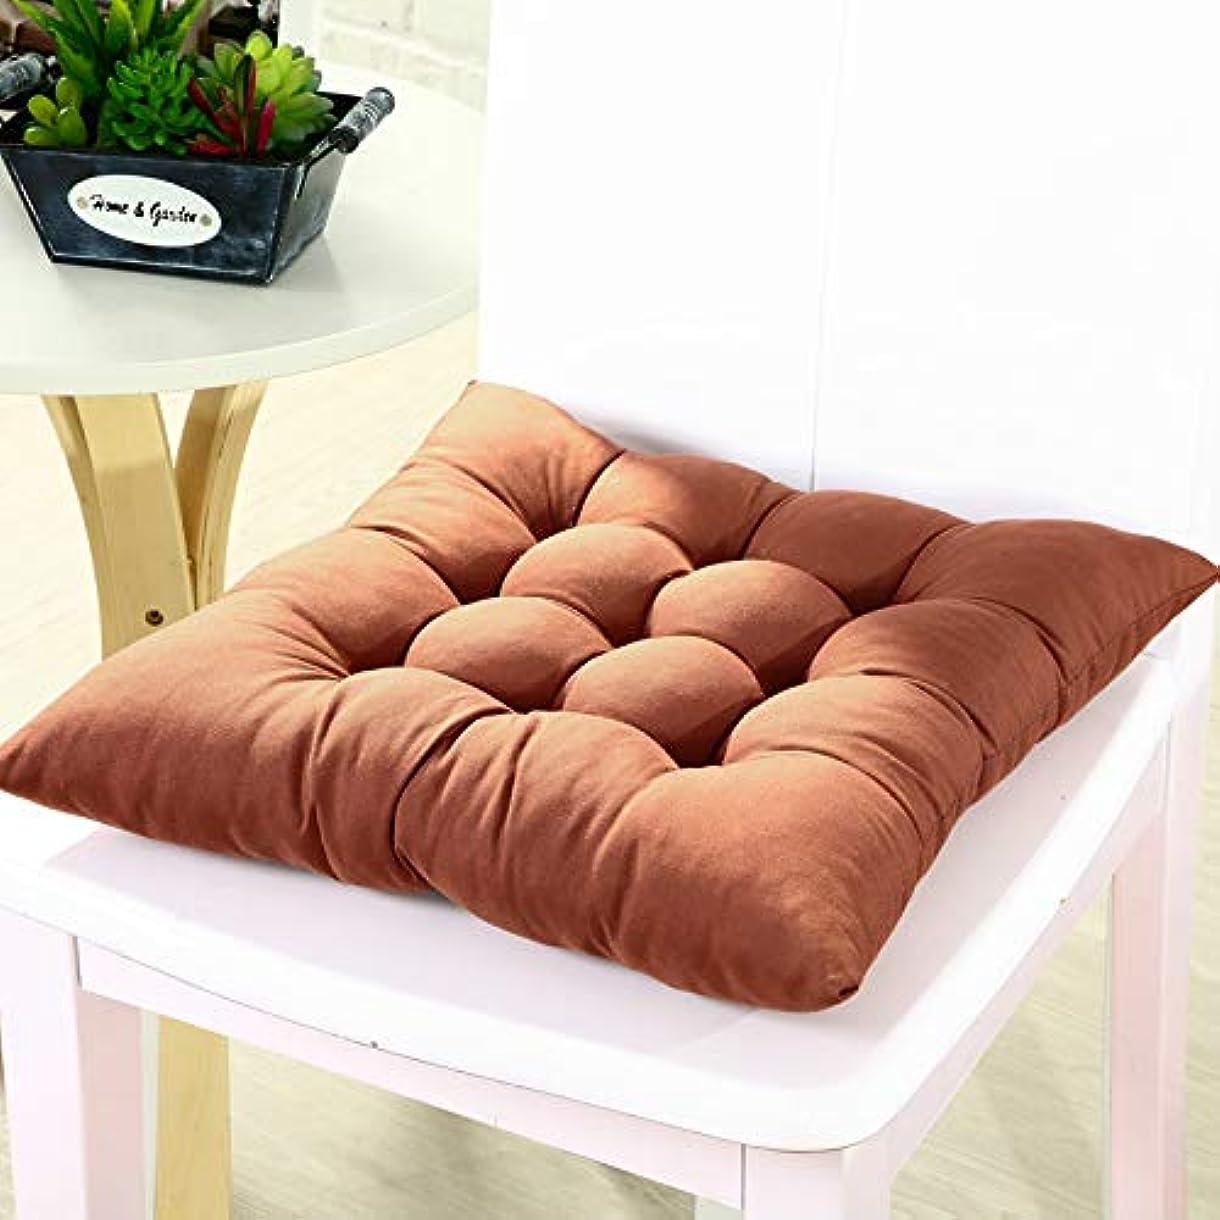 事業空気数学者LIFE 12 色 40 × 40 センチメートルシートクッション真珠綿チェアバックシートのクッションソファ枕臀部快適な椅子クッション家の装飾 クッション 椅子